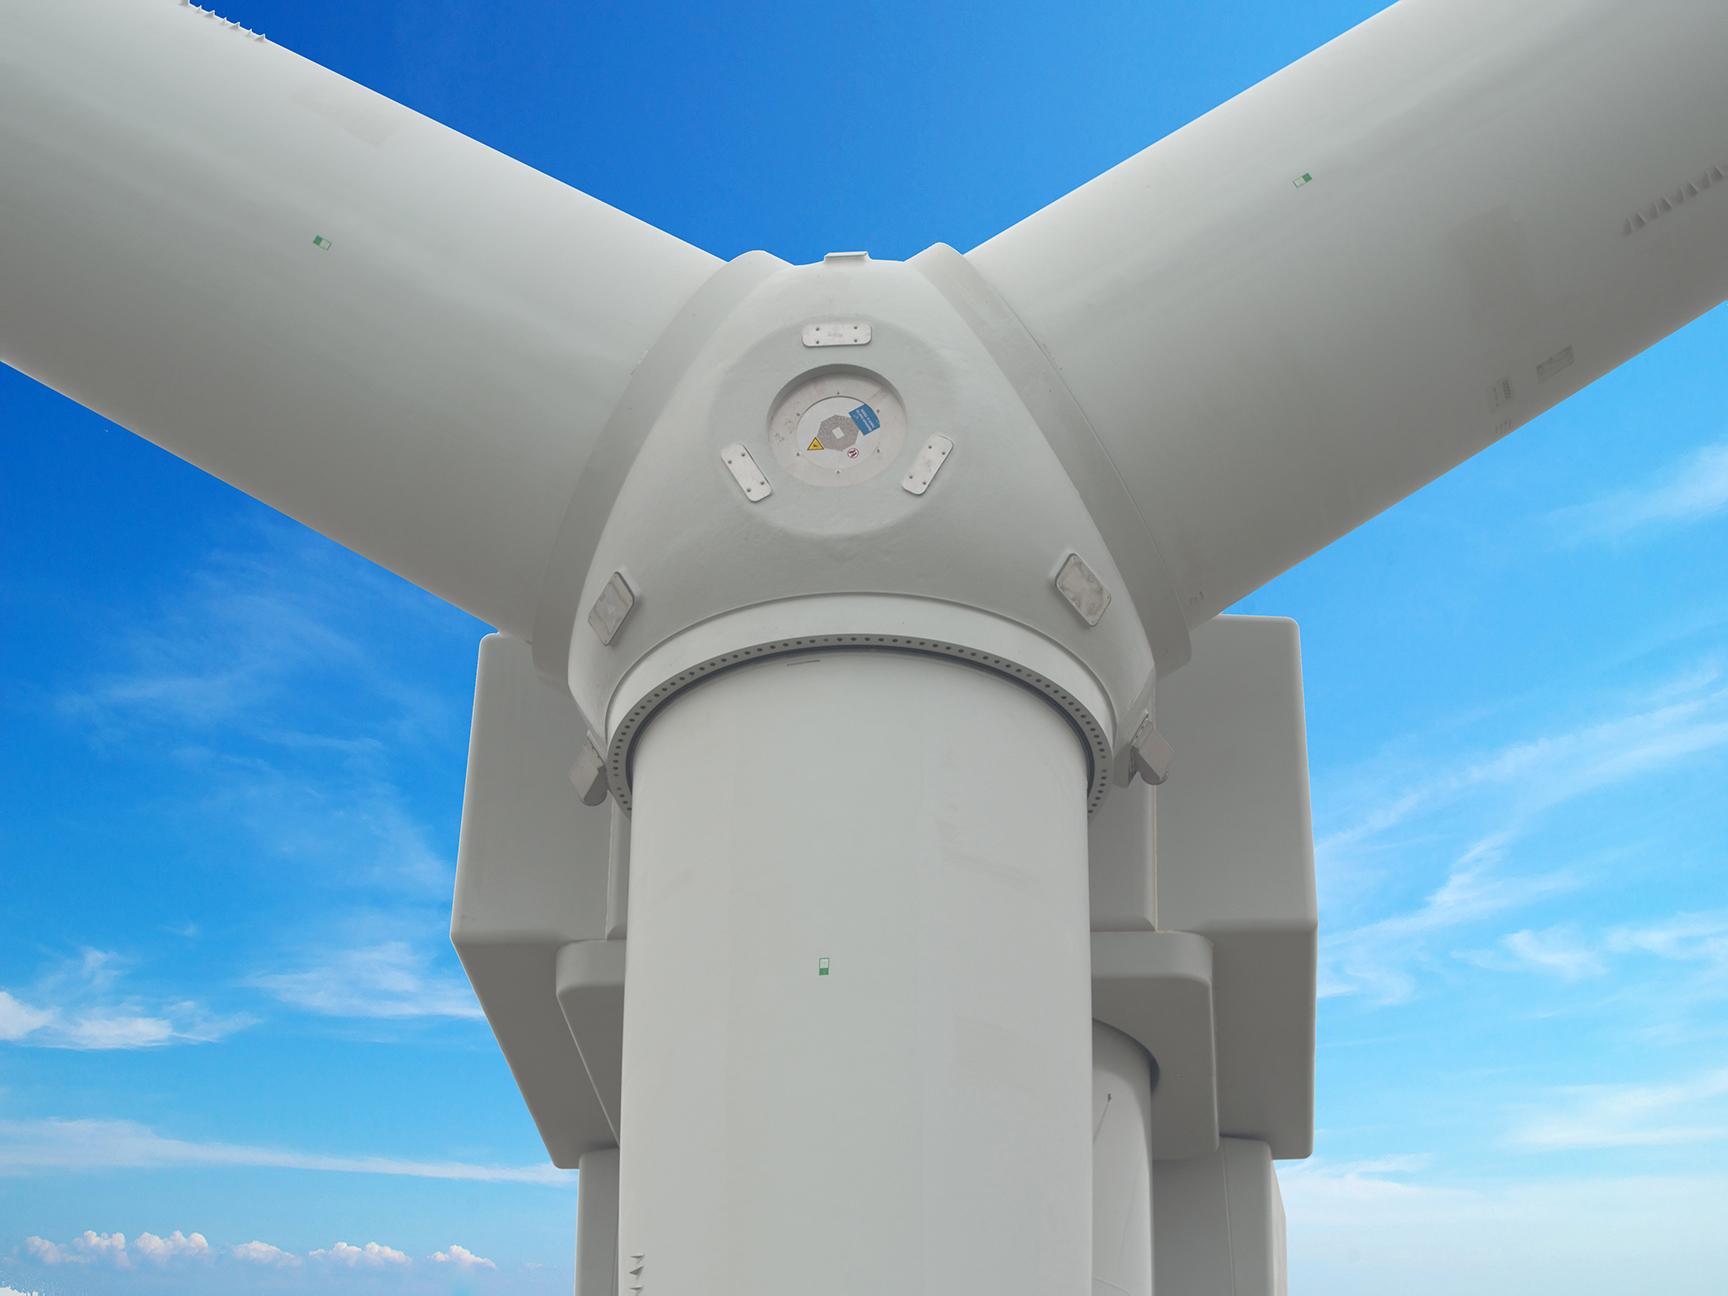 GE geselecteerd als co-ontwikkelaar en turbineleverancier van groot Australisch windpark